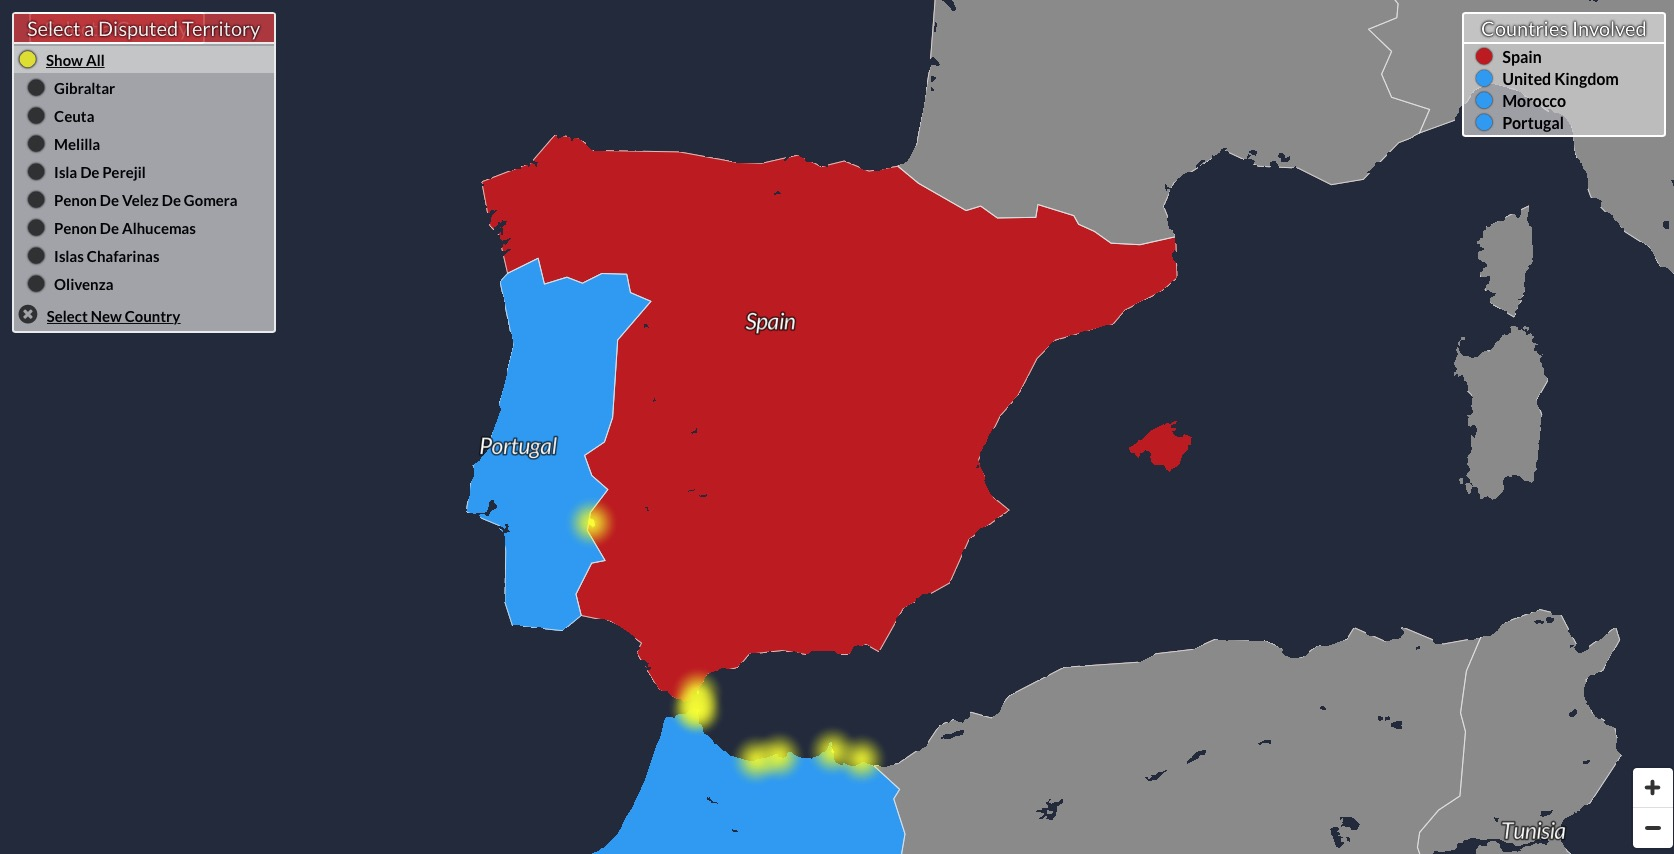 Un mapa interactivo con todas las disputas territoriales del mundo